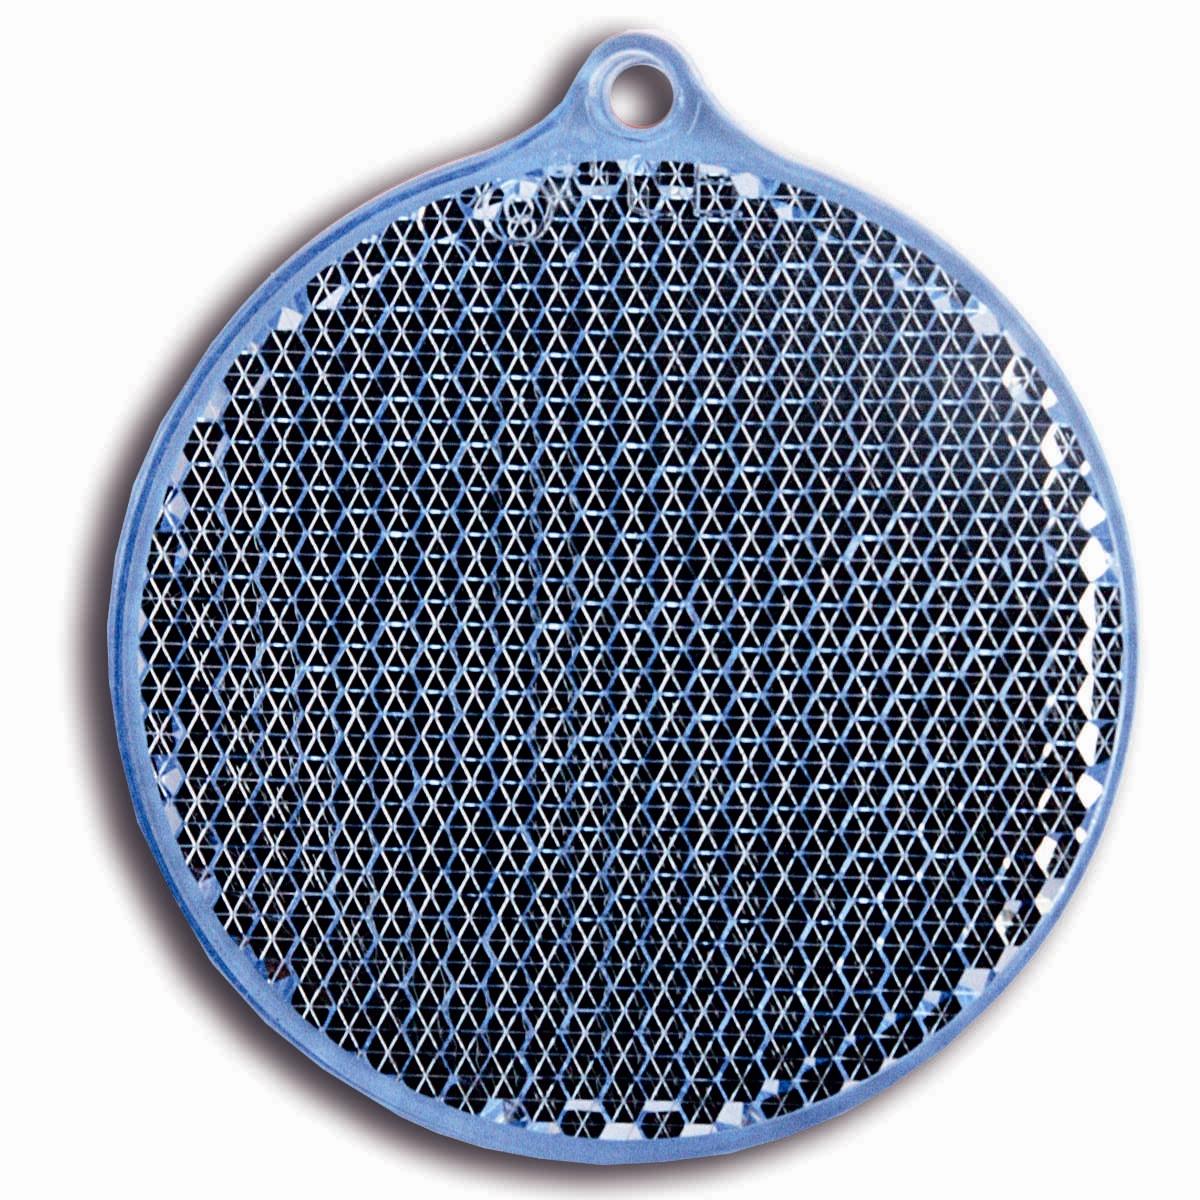 Светоотражатель пешеходный Coreflect Круг, цвет: синий118692Пешеходный светоотражатель — это серьезное средство безопасности на дороге. Использование светоотражателей позволяет в десятки раз сократить количество ДТП с участием пешеходов в темное время суток. Светоотражатель крепится на одежду и обладает способностью к направленному отражению светового потока. Благодаря такому отражению, водитель может вовремя заметить пешехода в темноте, даже если он стоит или двигается по обочине. А значит, он успеет среагировать и избежит возможного столкновения. С 1 июля 2015 года ношение светоотражателей вне населенных пунктов является обязательным для пешеходов! Мы рекомендуем носить их и в городе! Для безопасности и сохранения жизни!